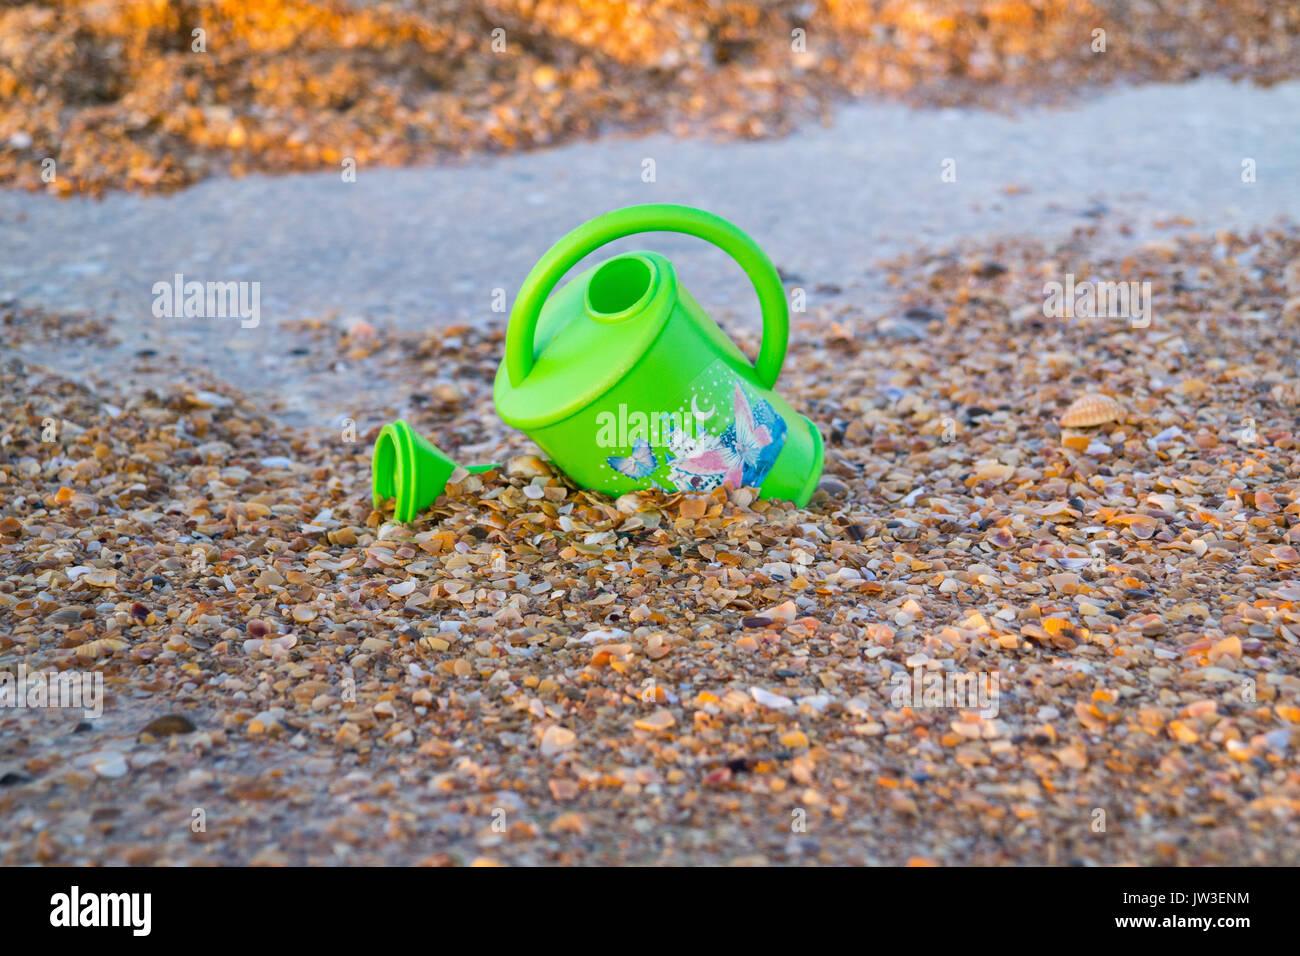 Kinder Spielzeug für Blumen gießen am Strand Stockbild